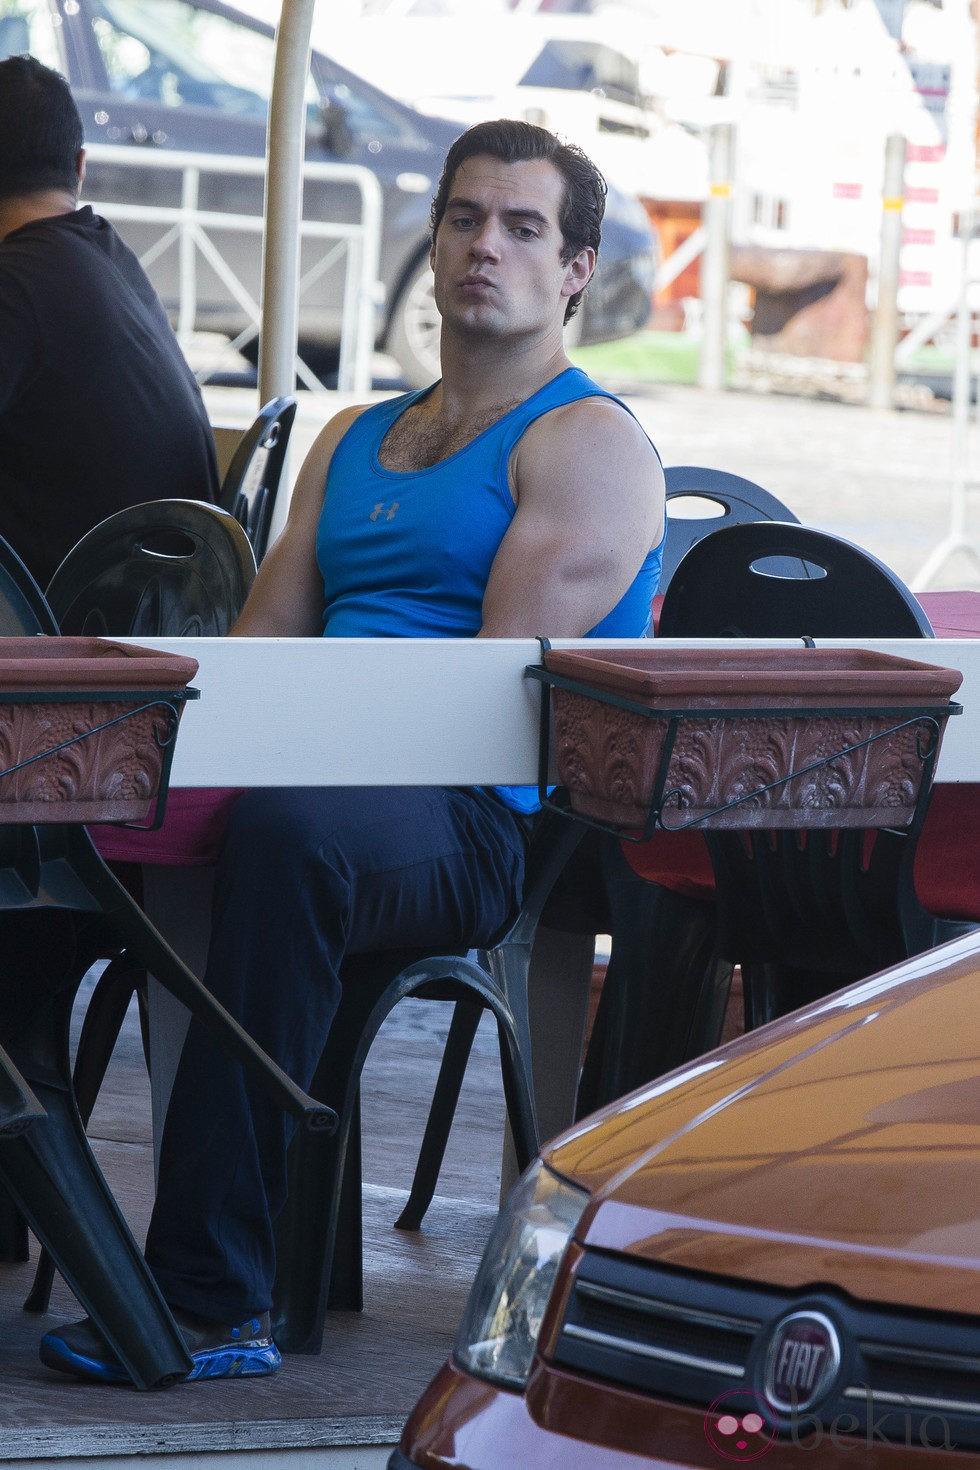 Henry Cavill esperando su comida en el rodaje en Nápoles de 'The man from U.N.C.L.E'